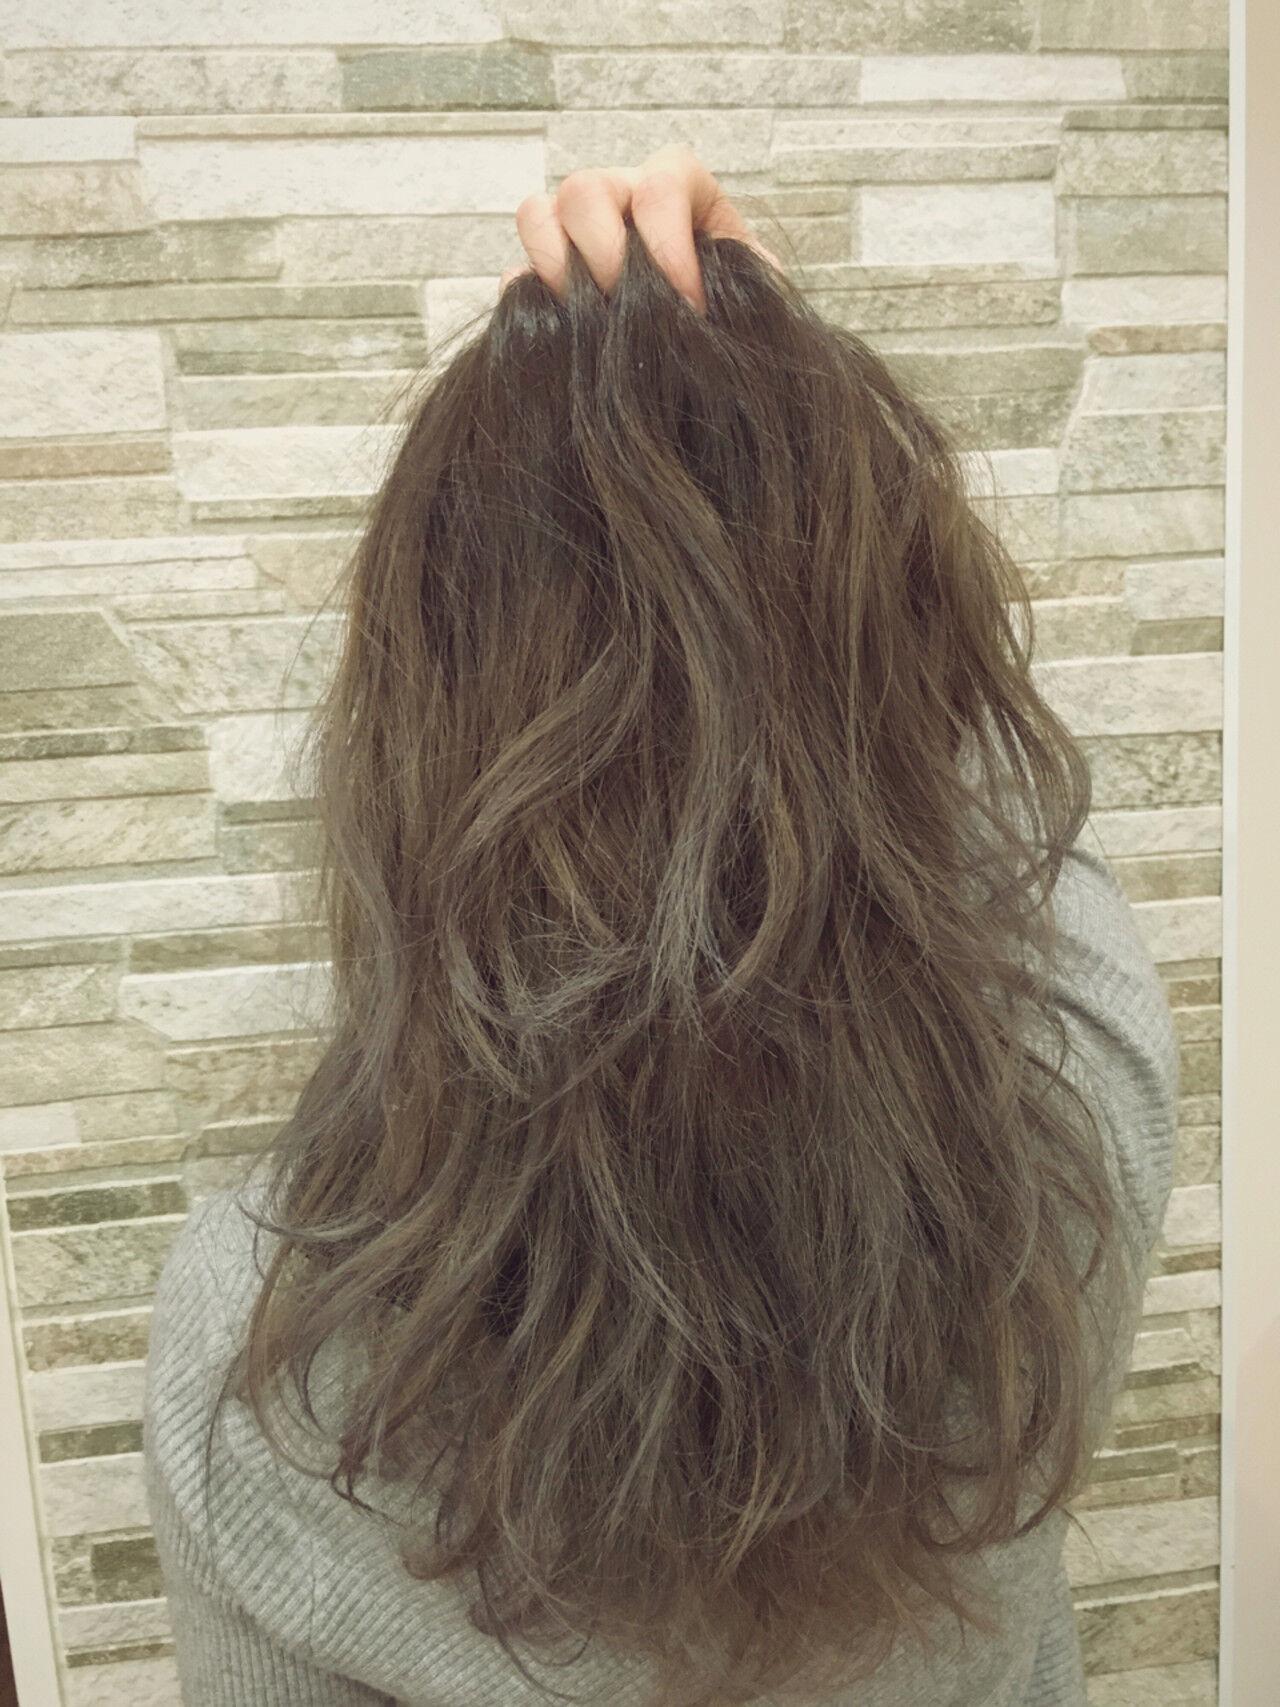 アッシュ ハイライト 外国人風 グラデーションカラーヘアスタイルや髪型の写真・画像